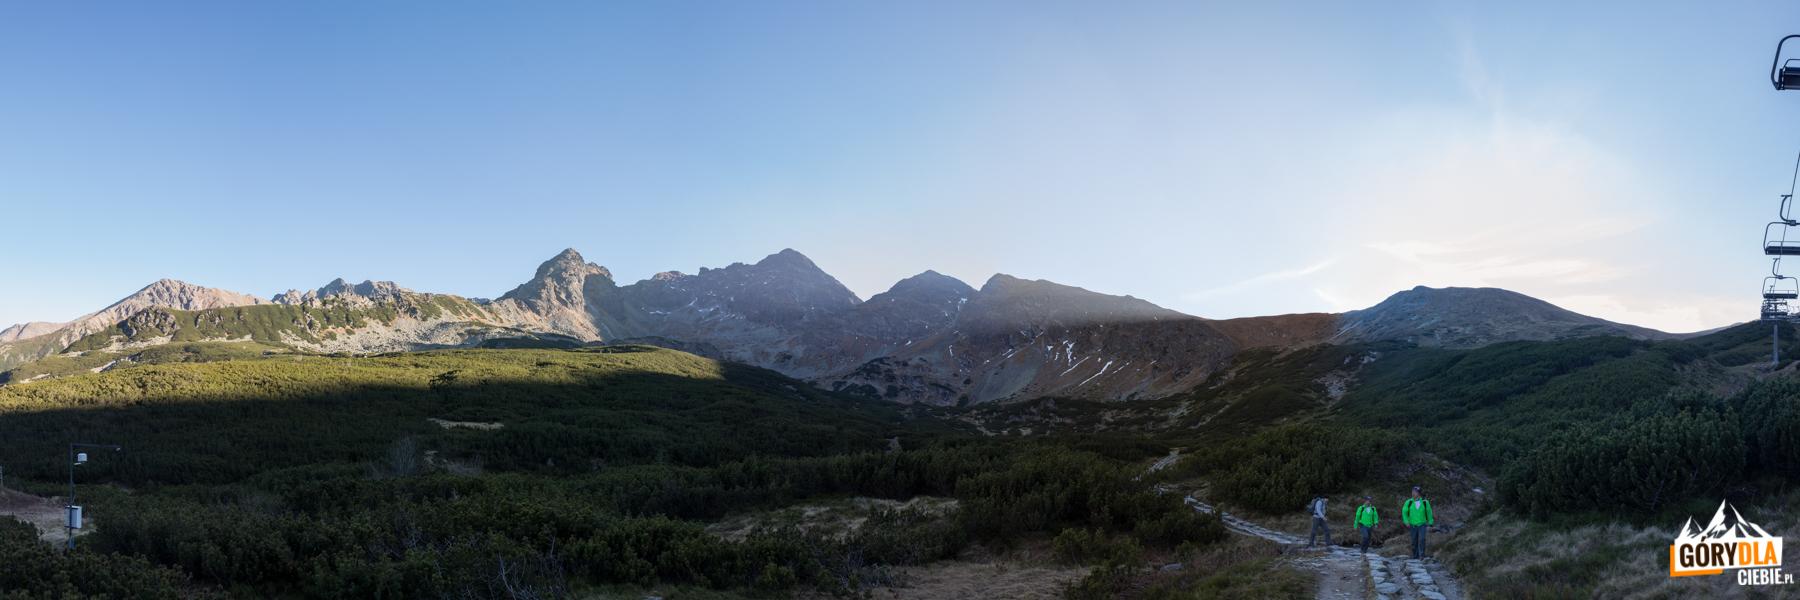 Panorama Tatr z drogi z Doliny Zielonej Gąsienicowej do Murowańca